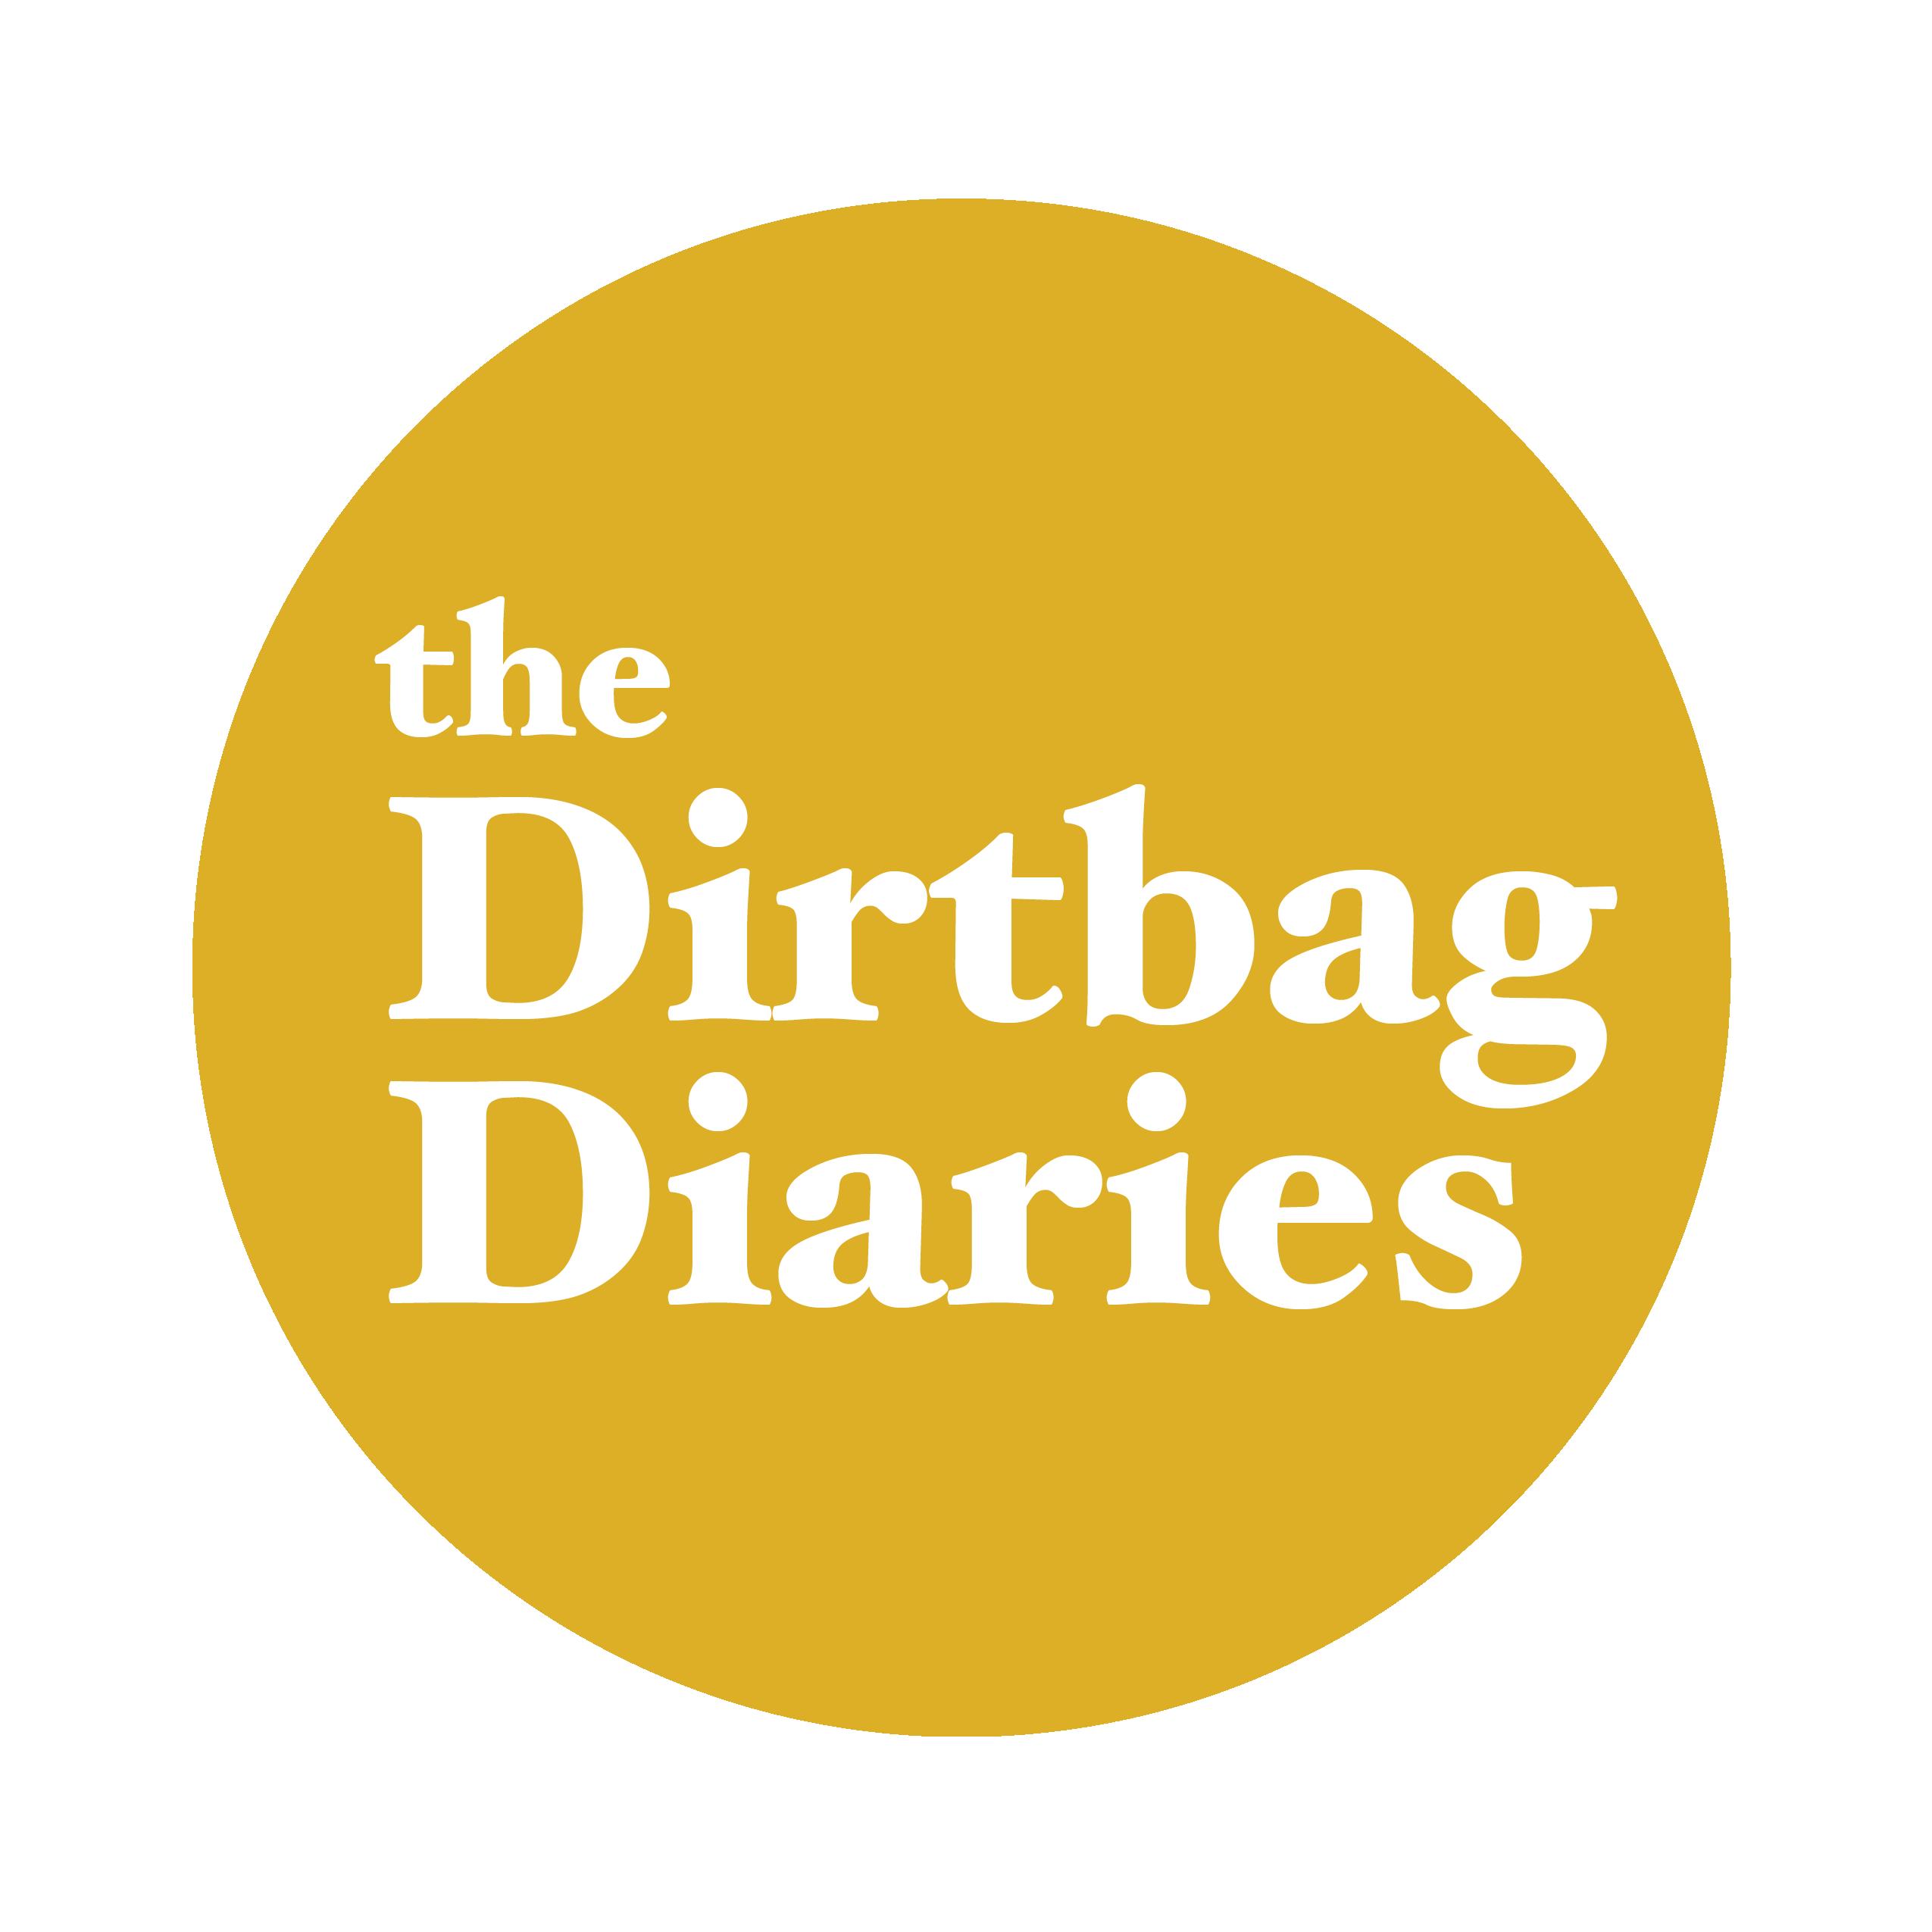 dirtbag diaries logo